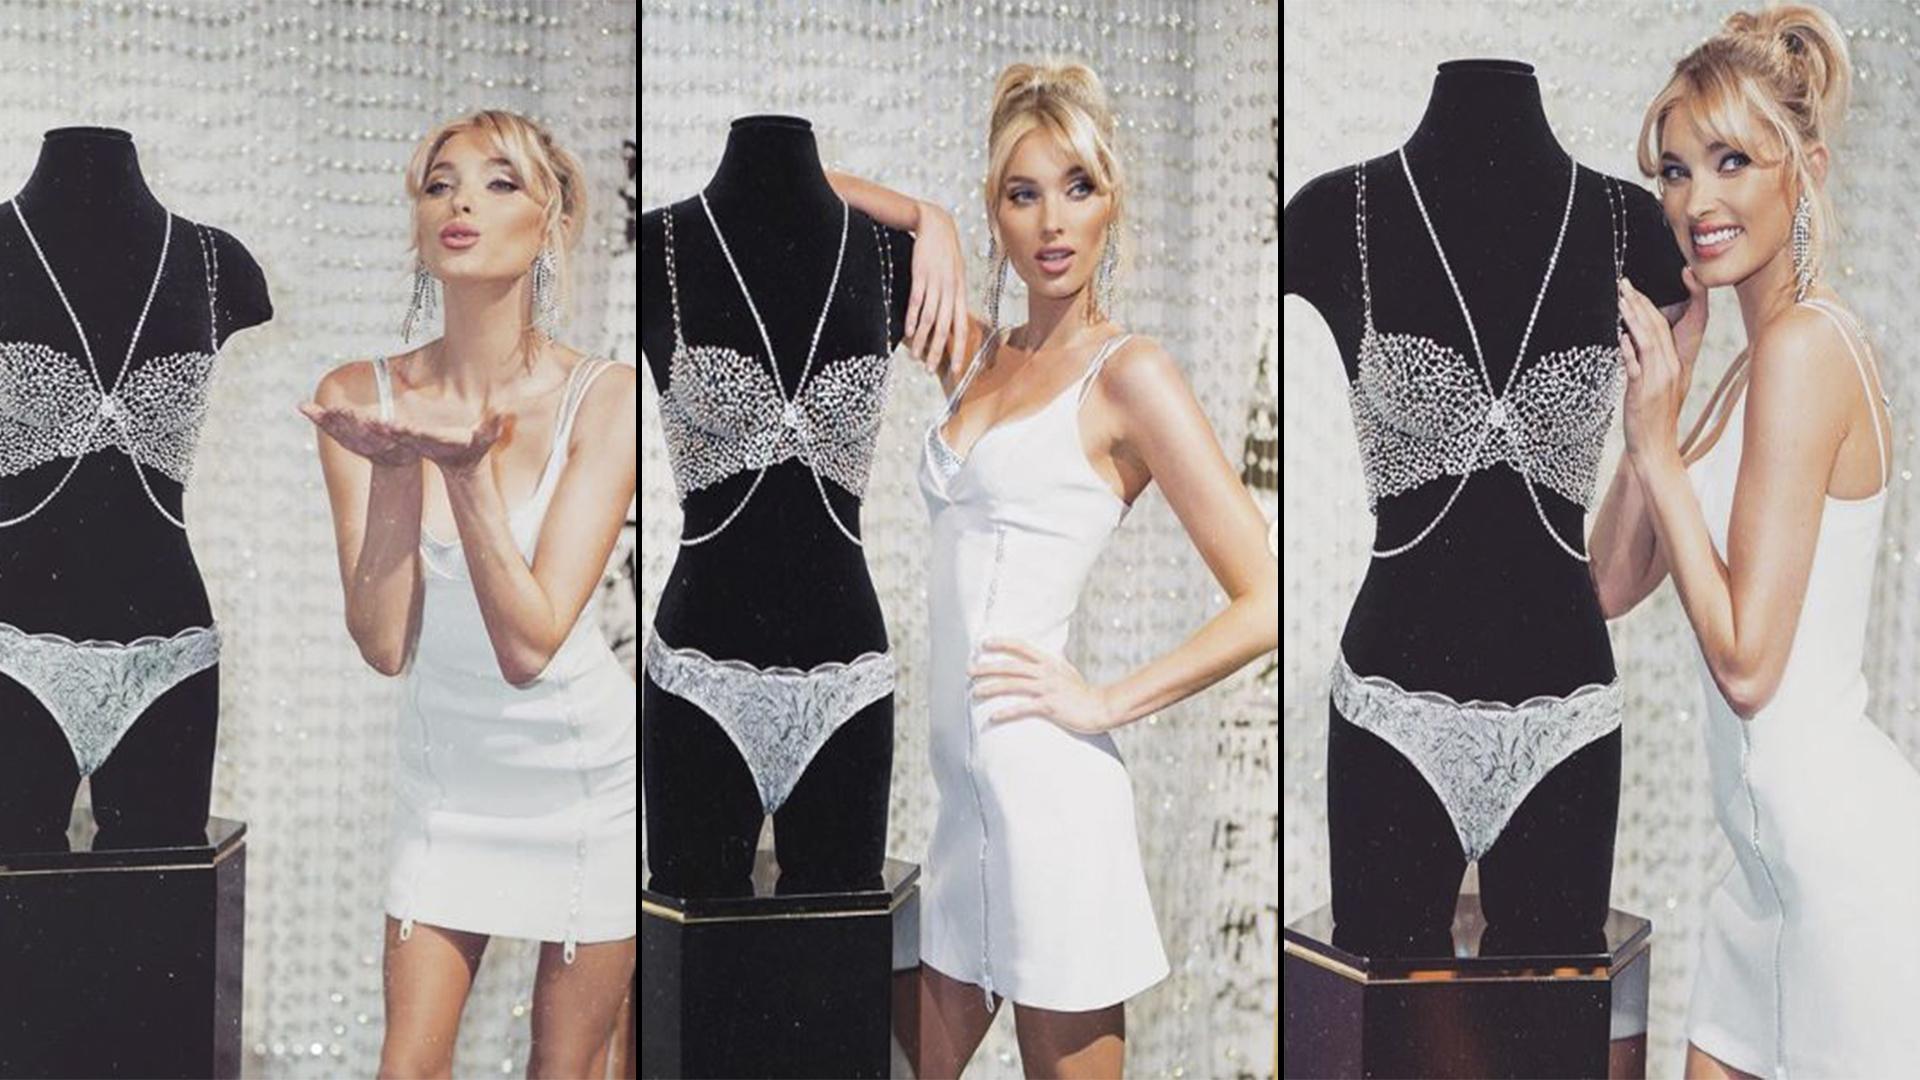 """Elsa Hosk será la primera modelo sueca en lucir en el desfile de Victoria´s Secret Fashion 2018 el nuevo diseño de """"Fantasy Bra"""", valuado en 1 millón de dólares y cubierto de diamantes"""